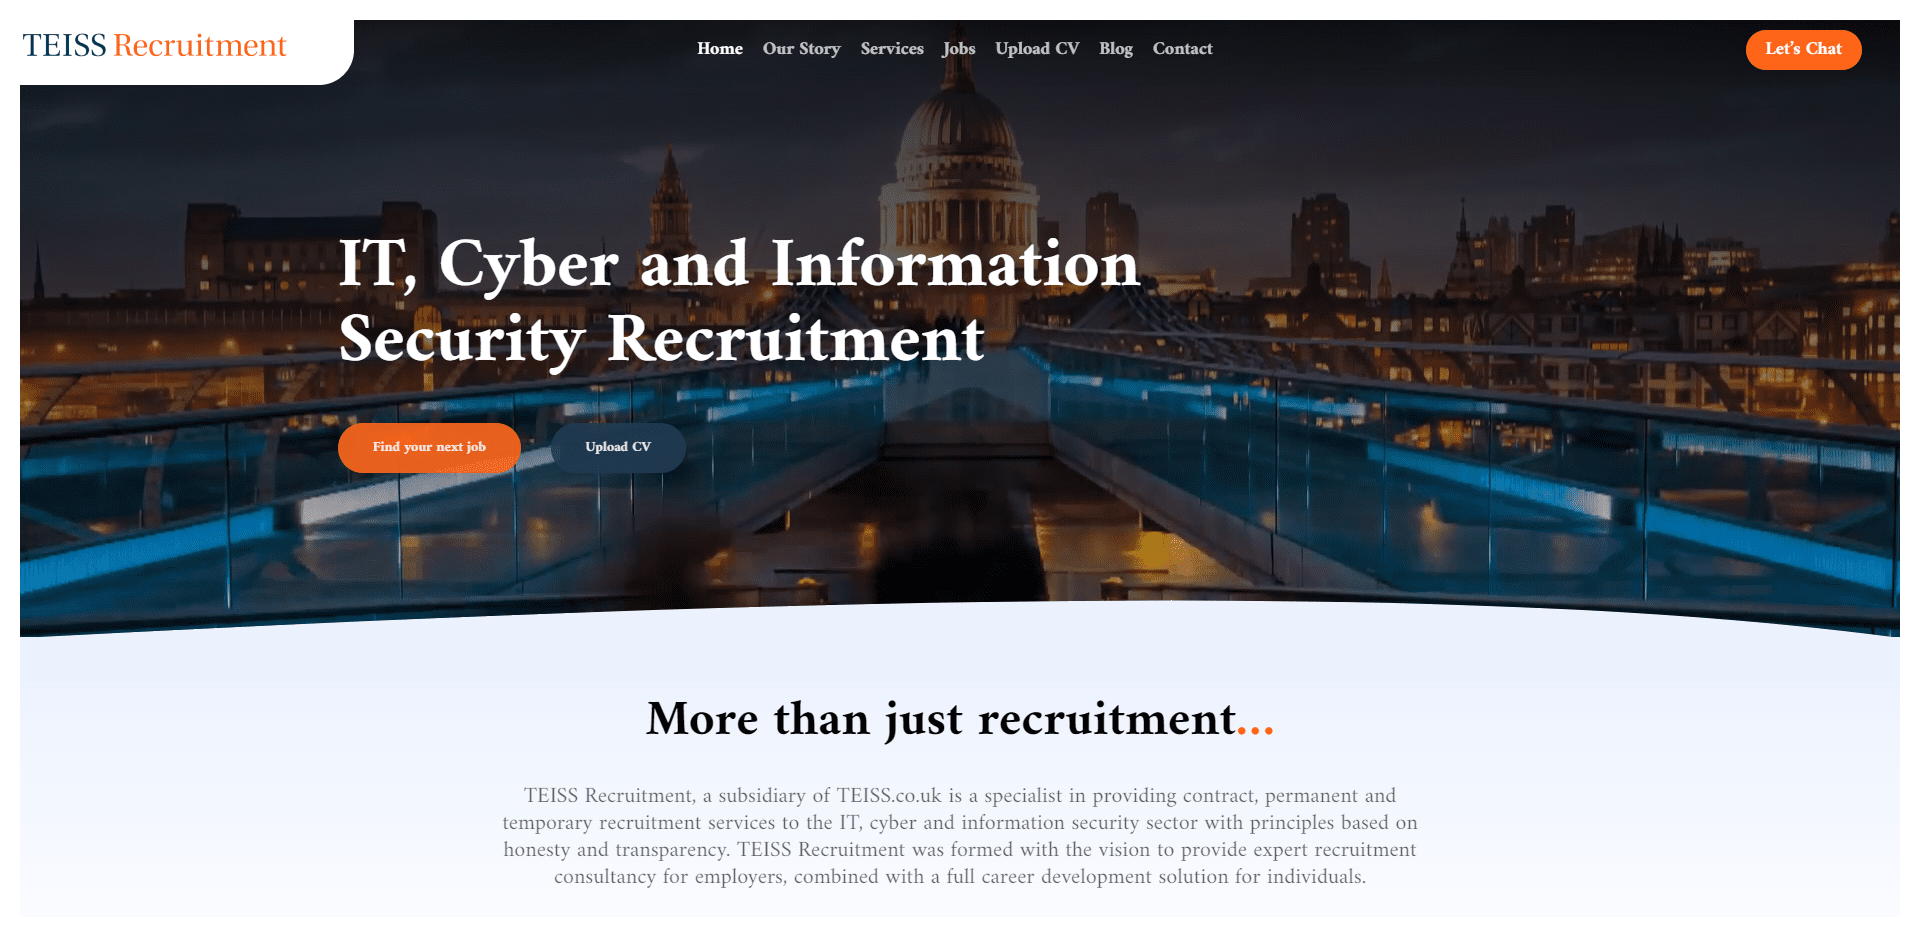 TEISS Recruitment